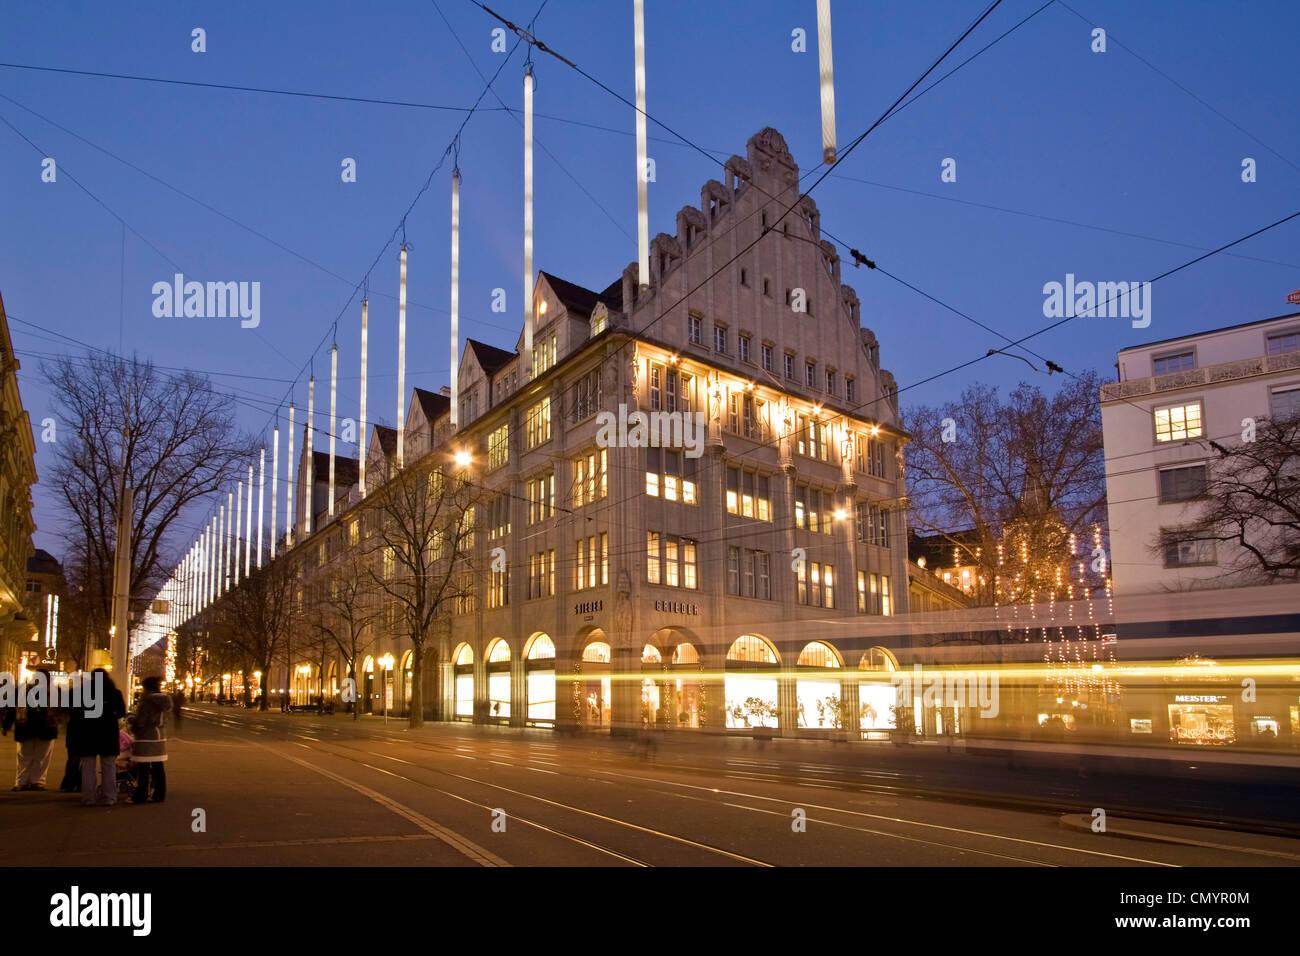 Bahnhofstrasse in der Dämmerung mit Chistmas Illumination, Straßenbahn Stockfoto